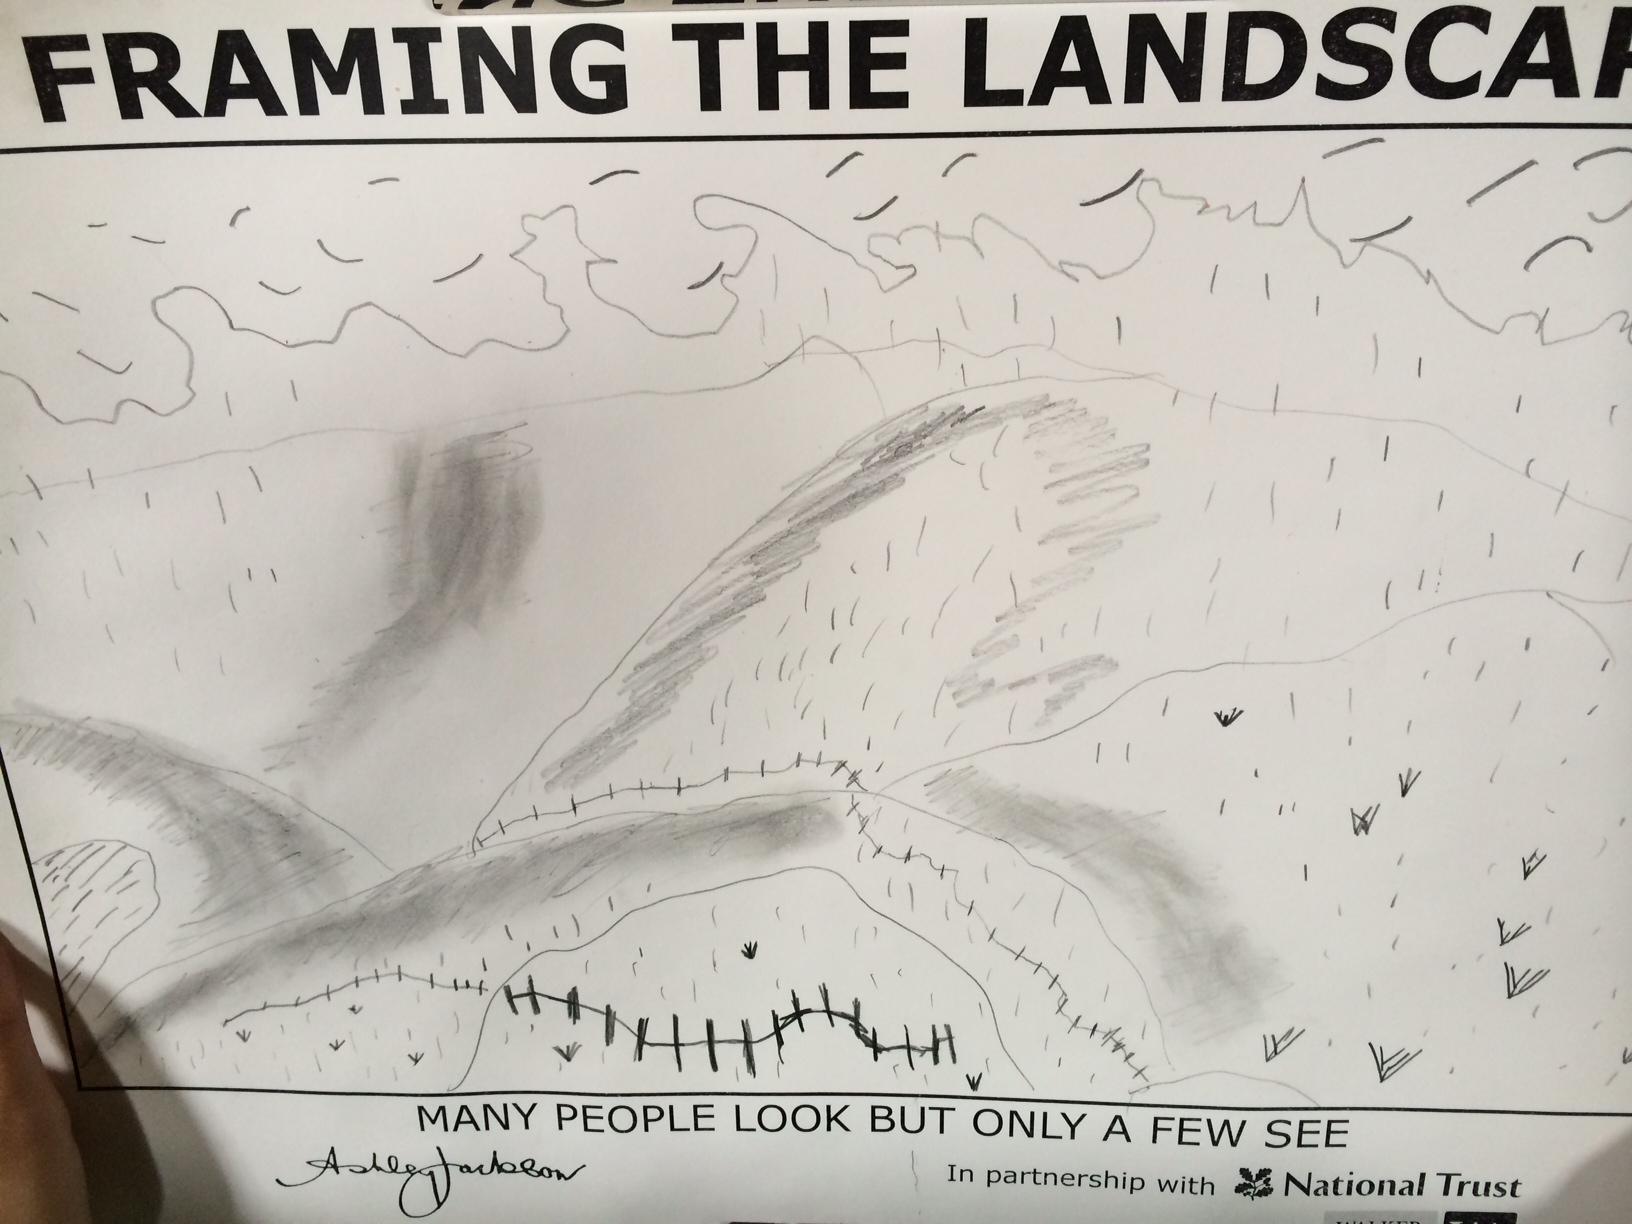 photo 4 - Ashley Jackson - Framing The Landscape